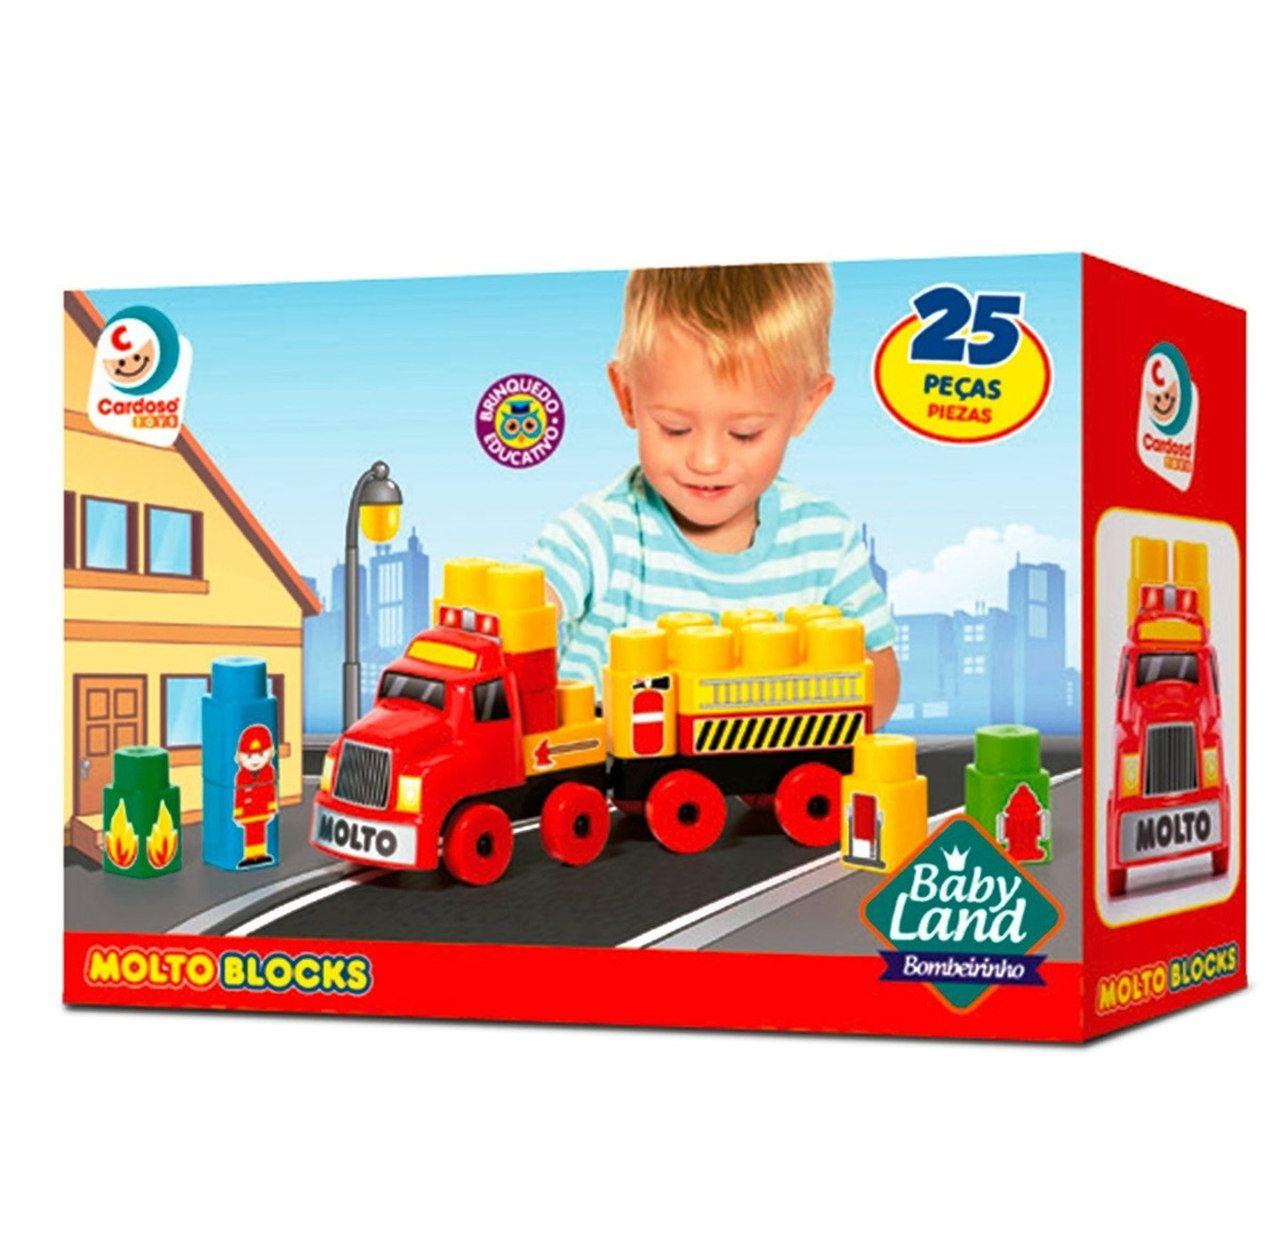 Brinquedo Infantil Caminhão Bombeirinho 25 Peças - Cardoso